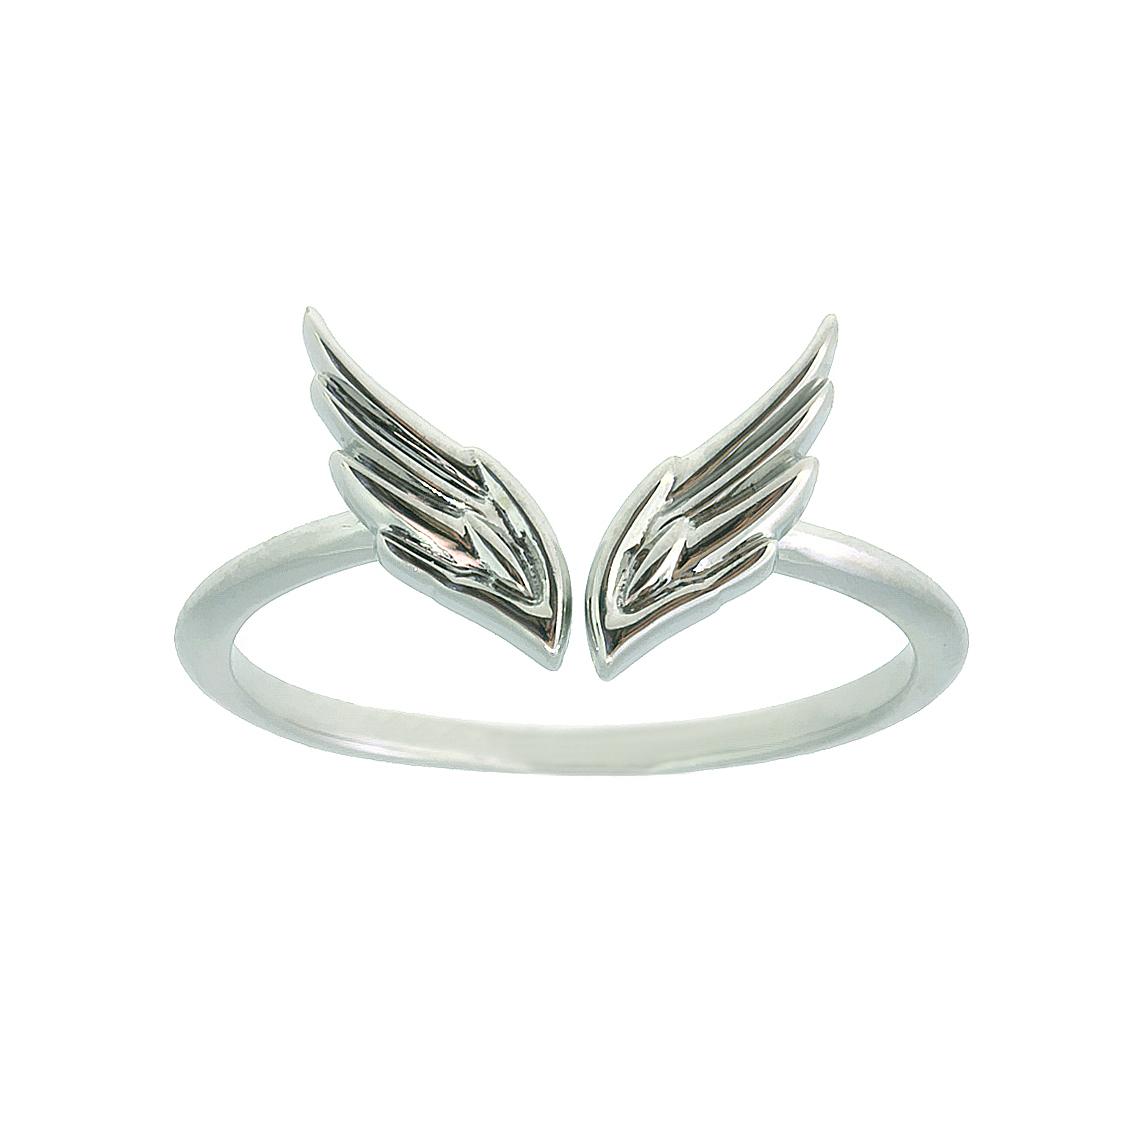 Каталог Золотое кольцо RD-00271w от магазина Arcanite 8401079d2c6